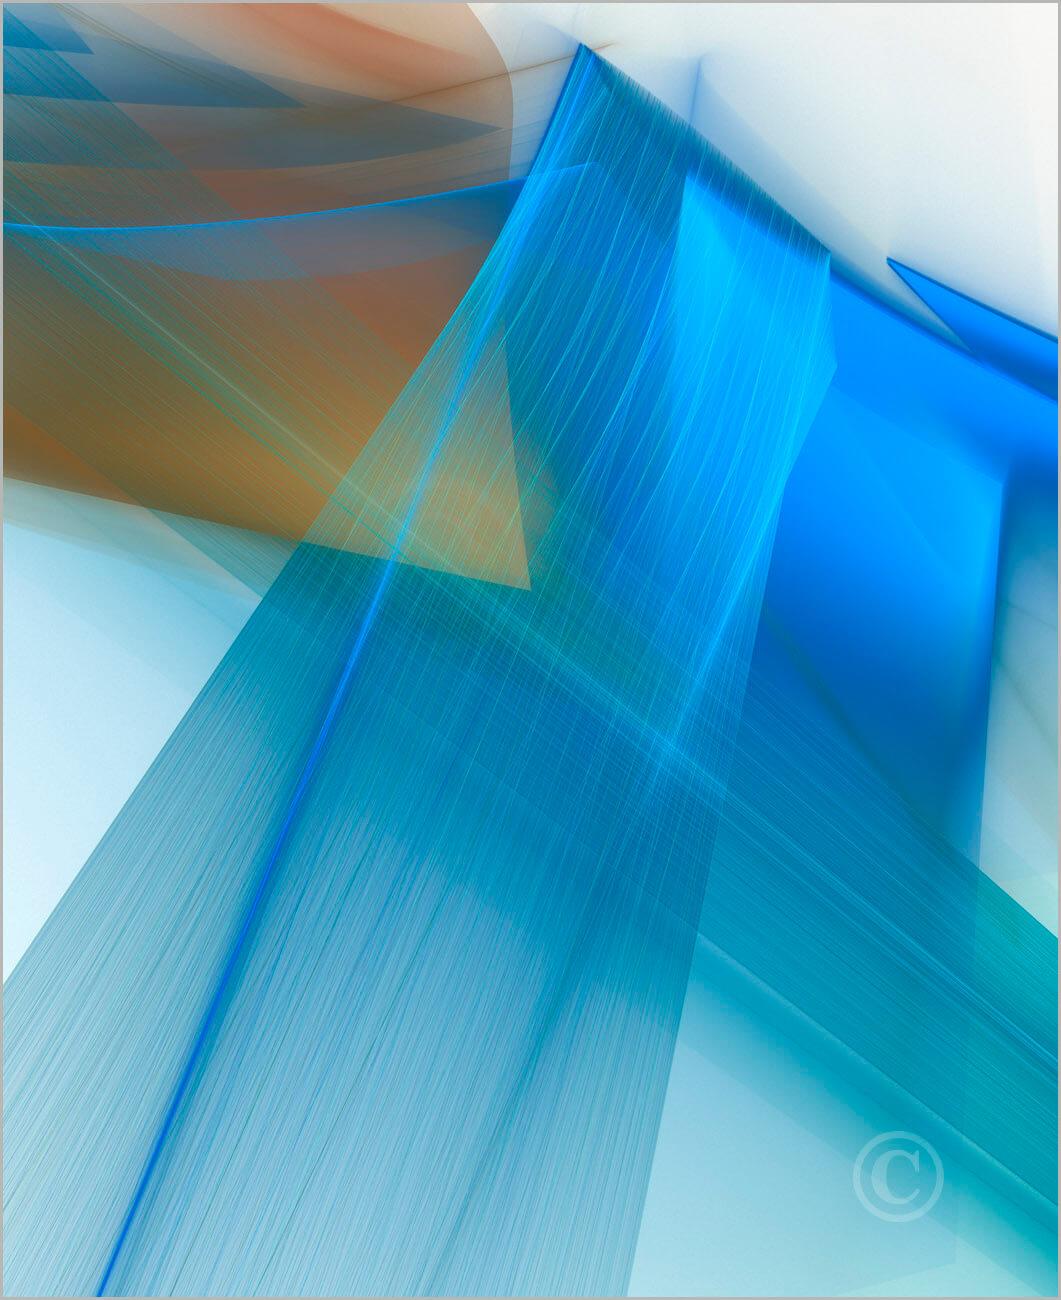 Colorshapes_F2_3035_L